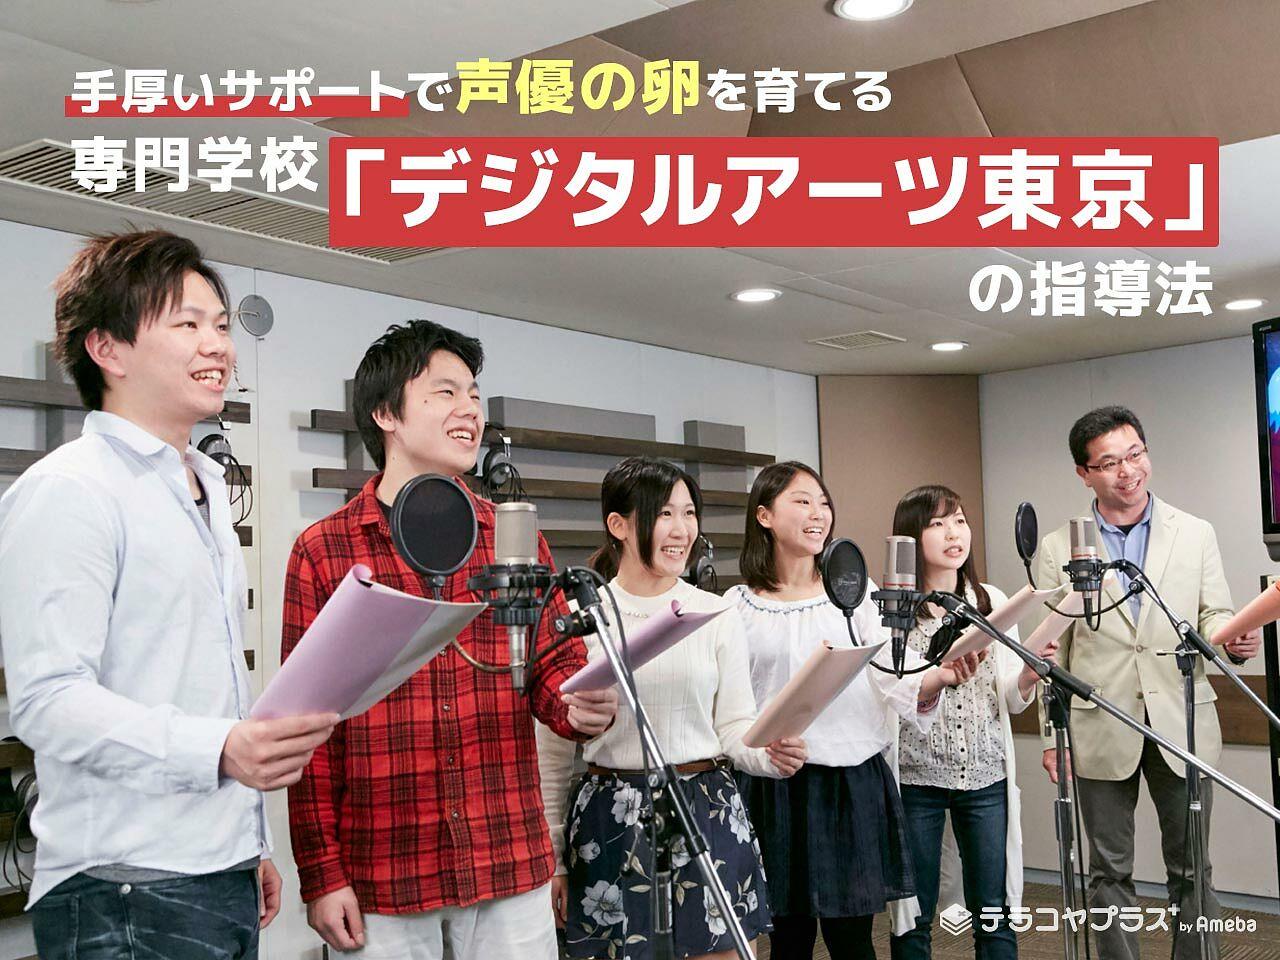 基礎から学んで声優の道へ!「専門学校デジタルアーツ東京」の手厚い指導とはの画像